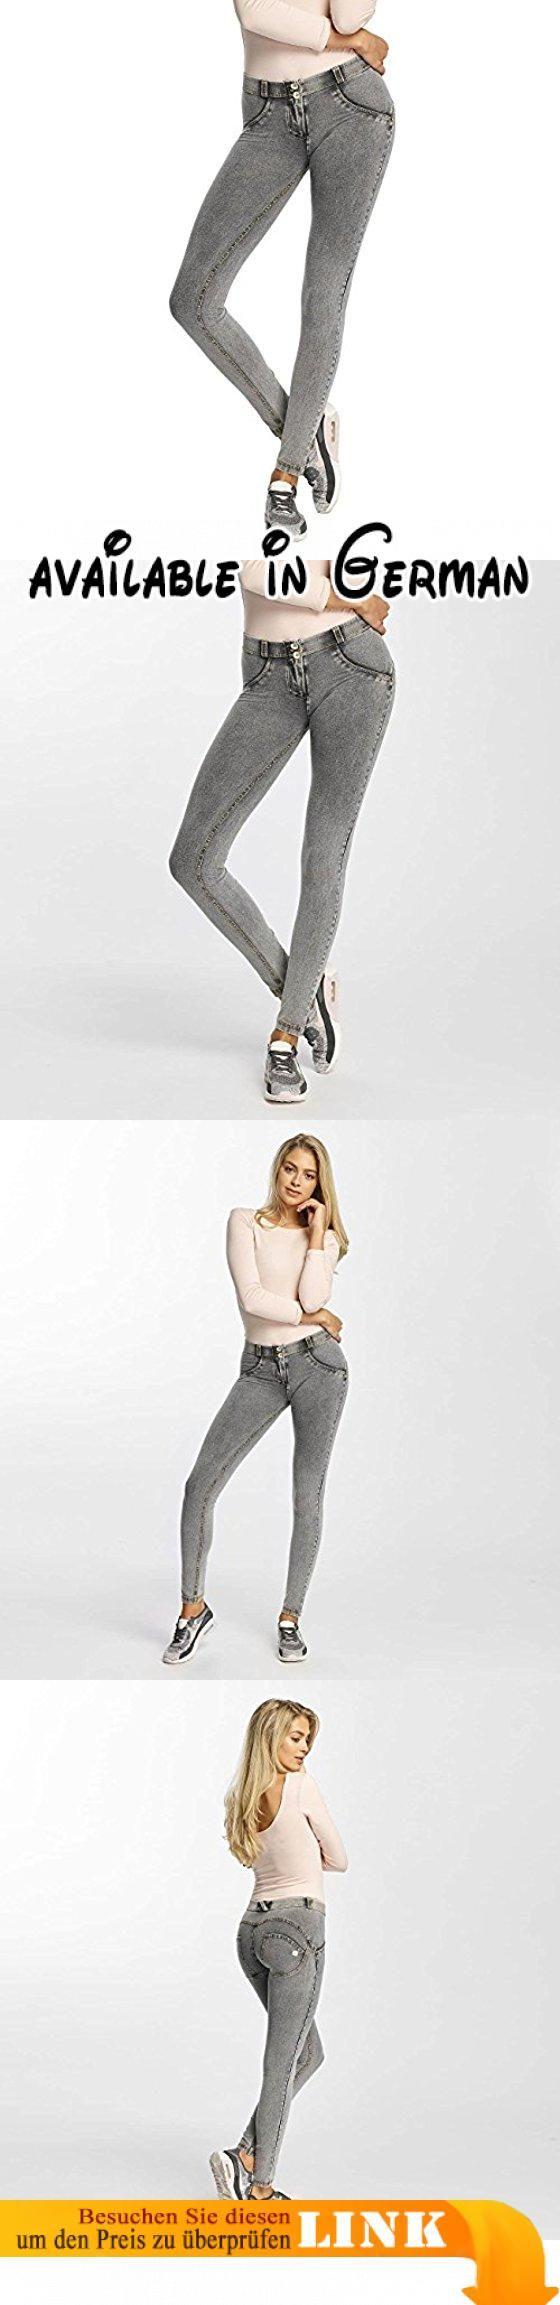 Freddy Damen Jeans / Skinny Jeans Regular Waist grau XL. Skinny Jeans Regular Waist überzeugt mit modernem Look. Freddy bietet einen langhaltigen Tragekomfort und steht für hohe Qualität zu einem fairen Preis.. Moderner Look und bequeme Passform. Skinny Jeans Regular Waist hat alles, was Damen Skinny Jeans haben müssen. #Apparel #PANTS